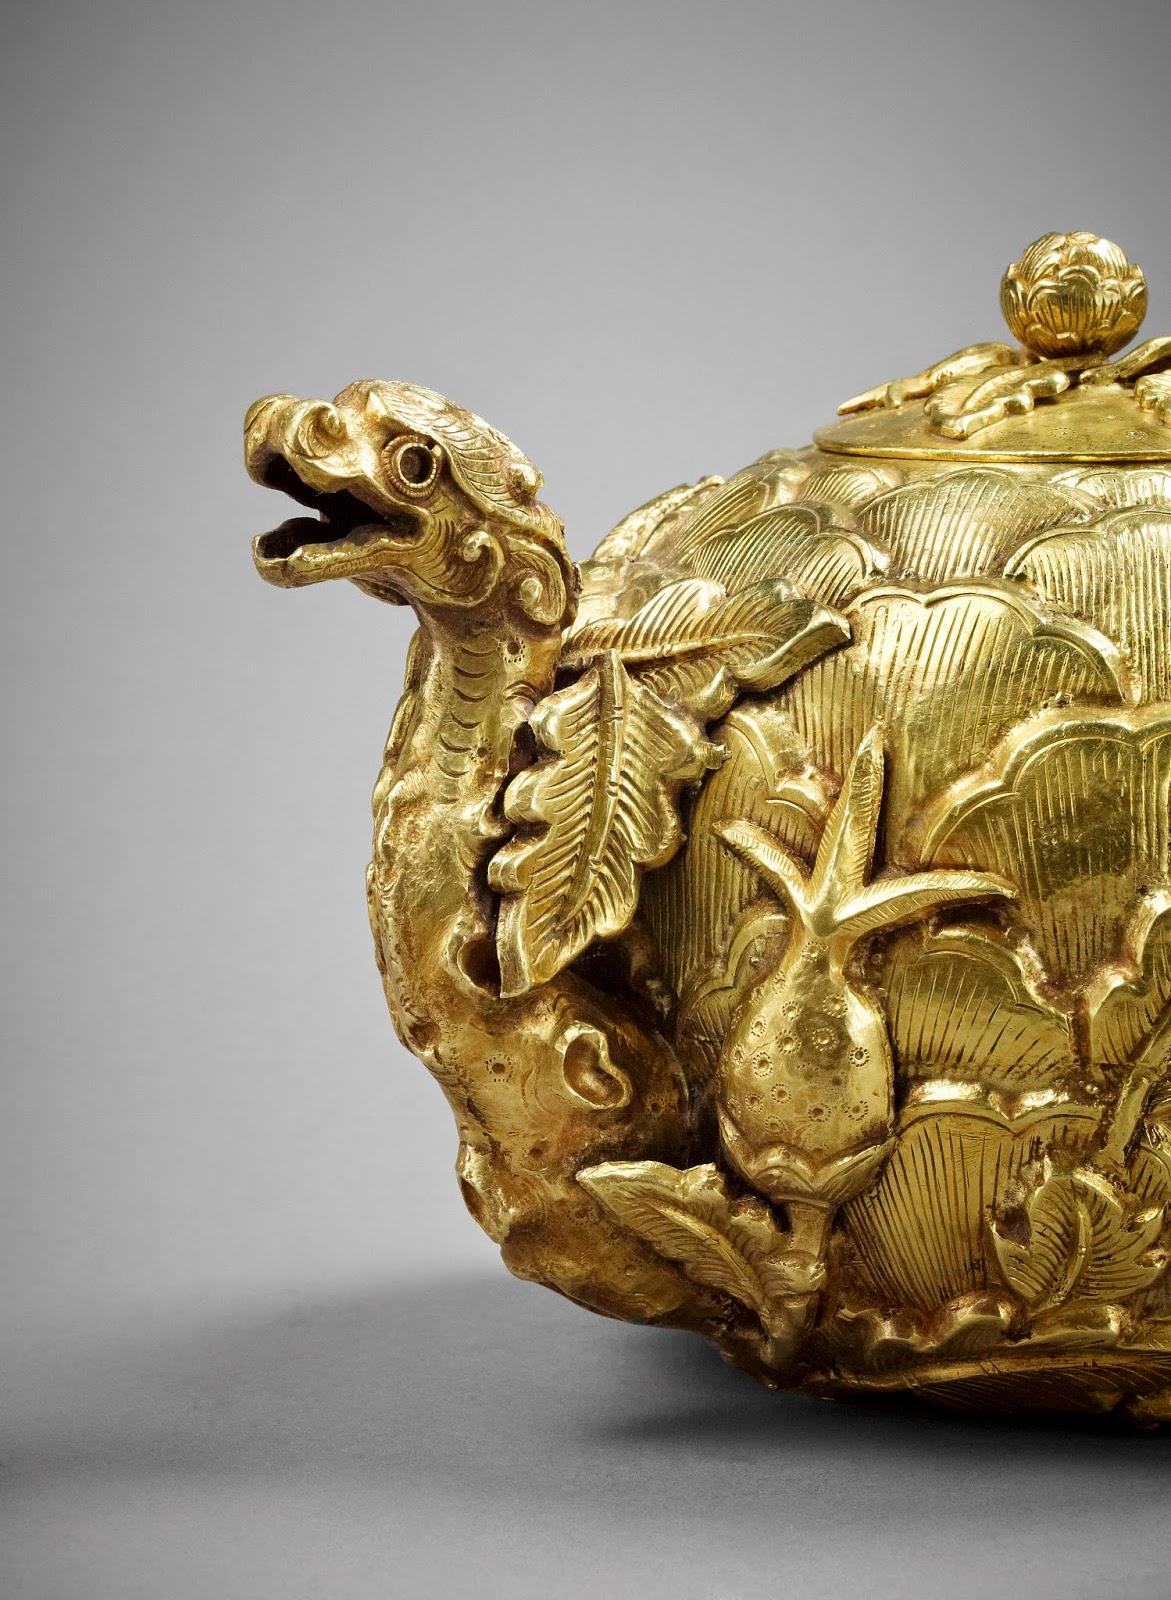 L'envol du dragon - Art Royal du Vietnam